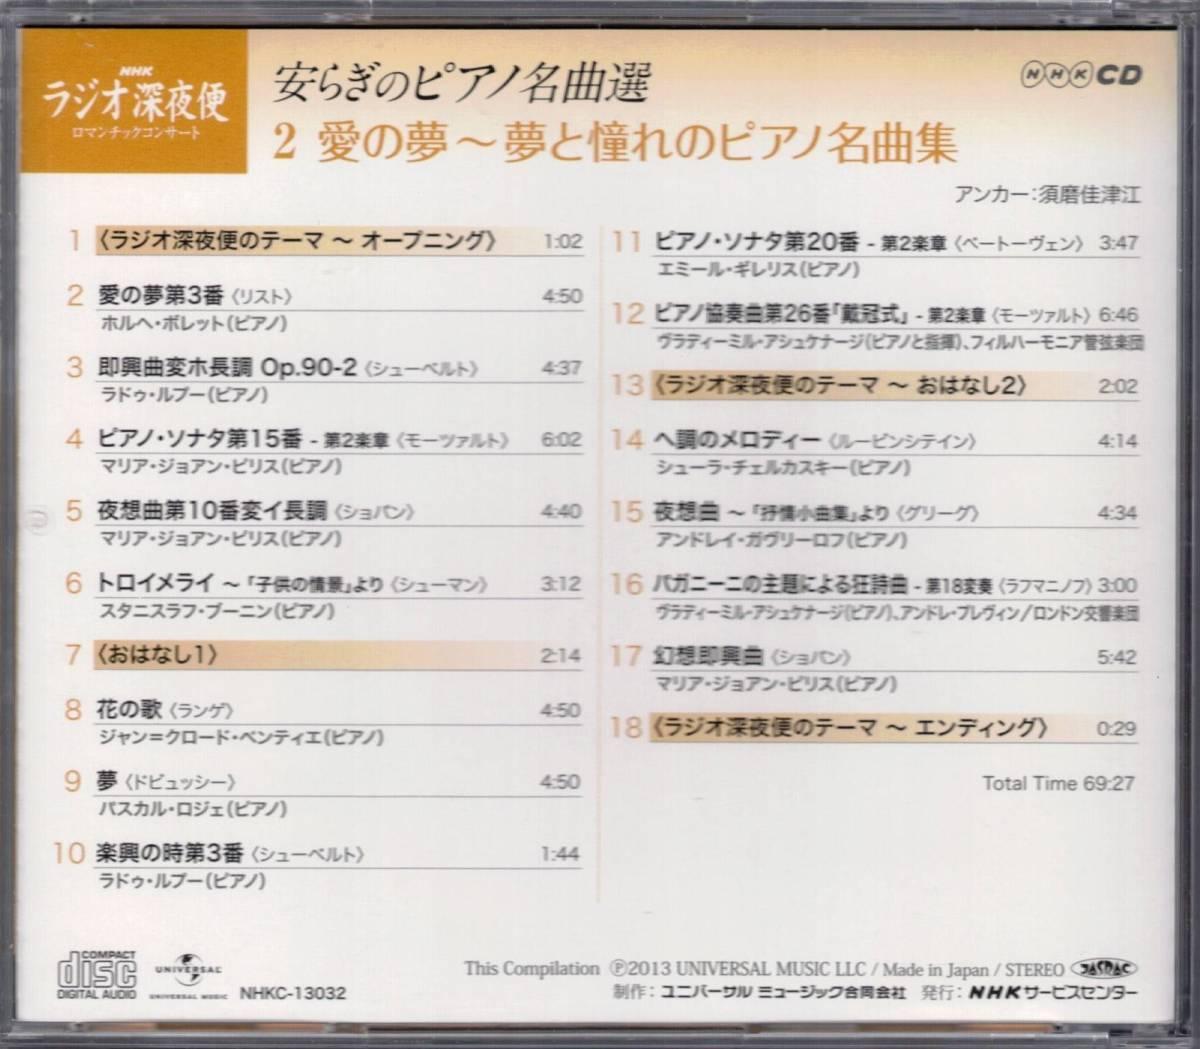 ●ラジオ深夜便 ロマンチックコンサート 『安らぎのピアノ名曲選』 CD-BOX 全6枚セット 送料無料_画像4